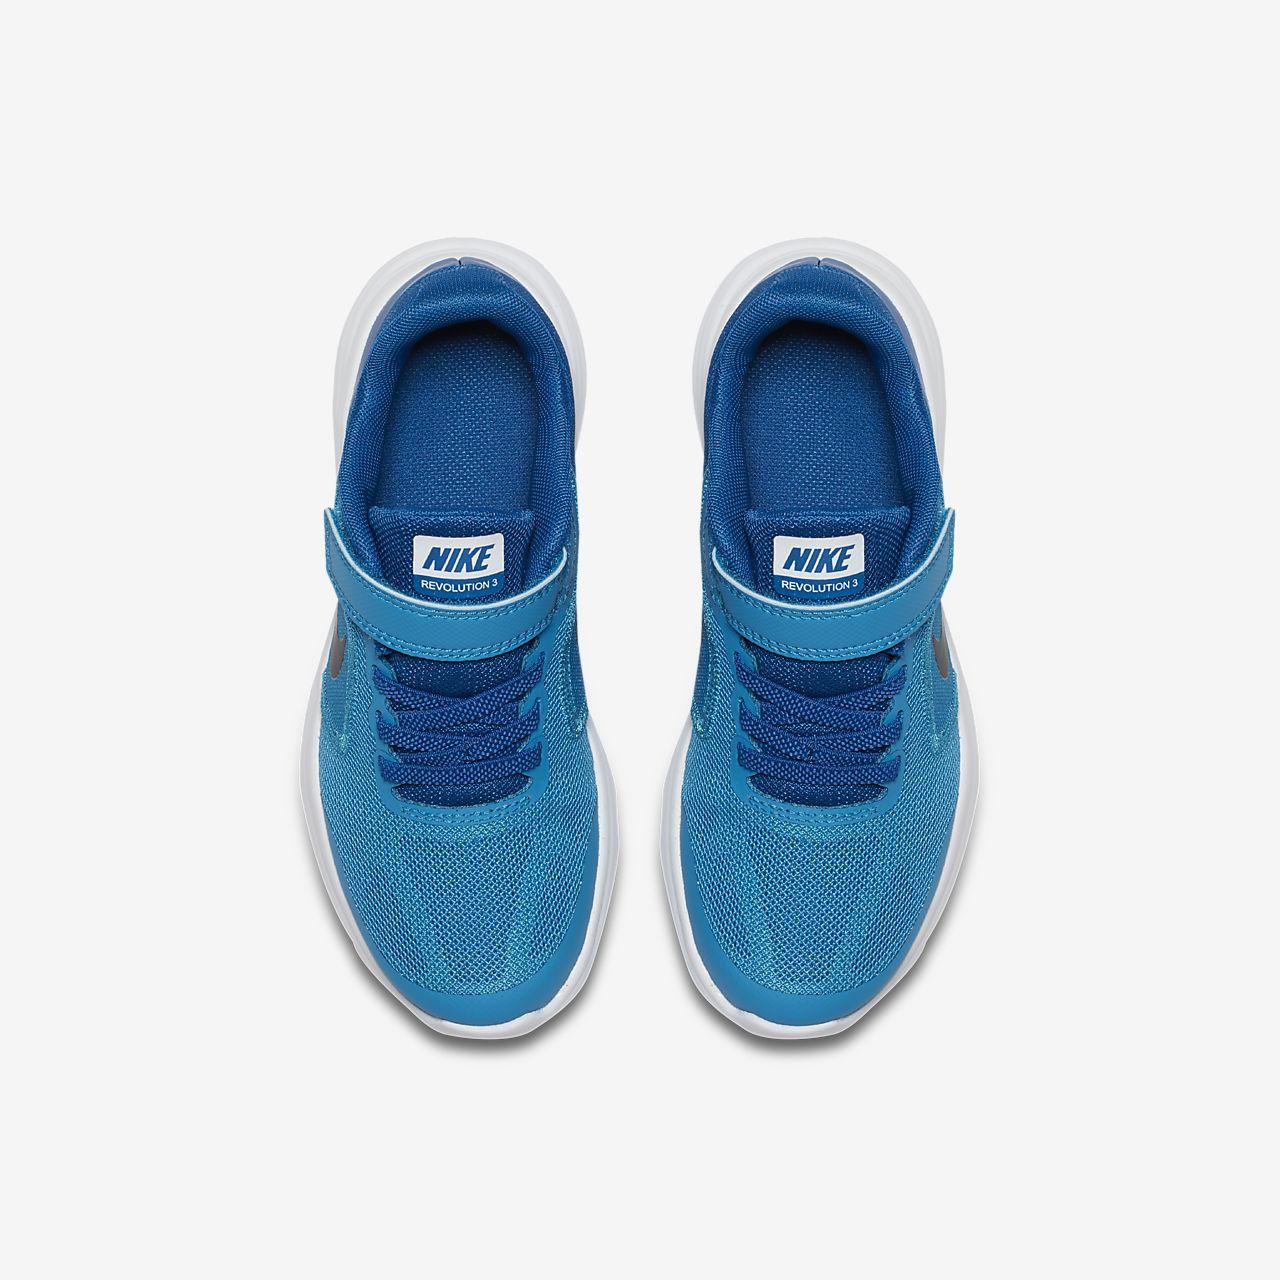 ... Nike Revolution 3 Little Kids' Running Shoe